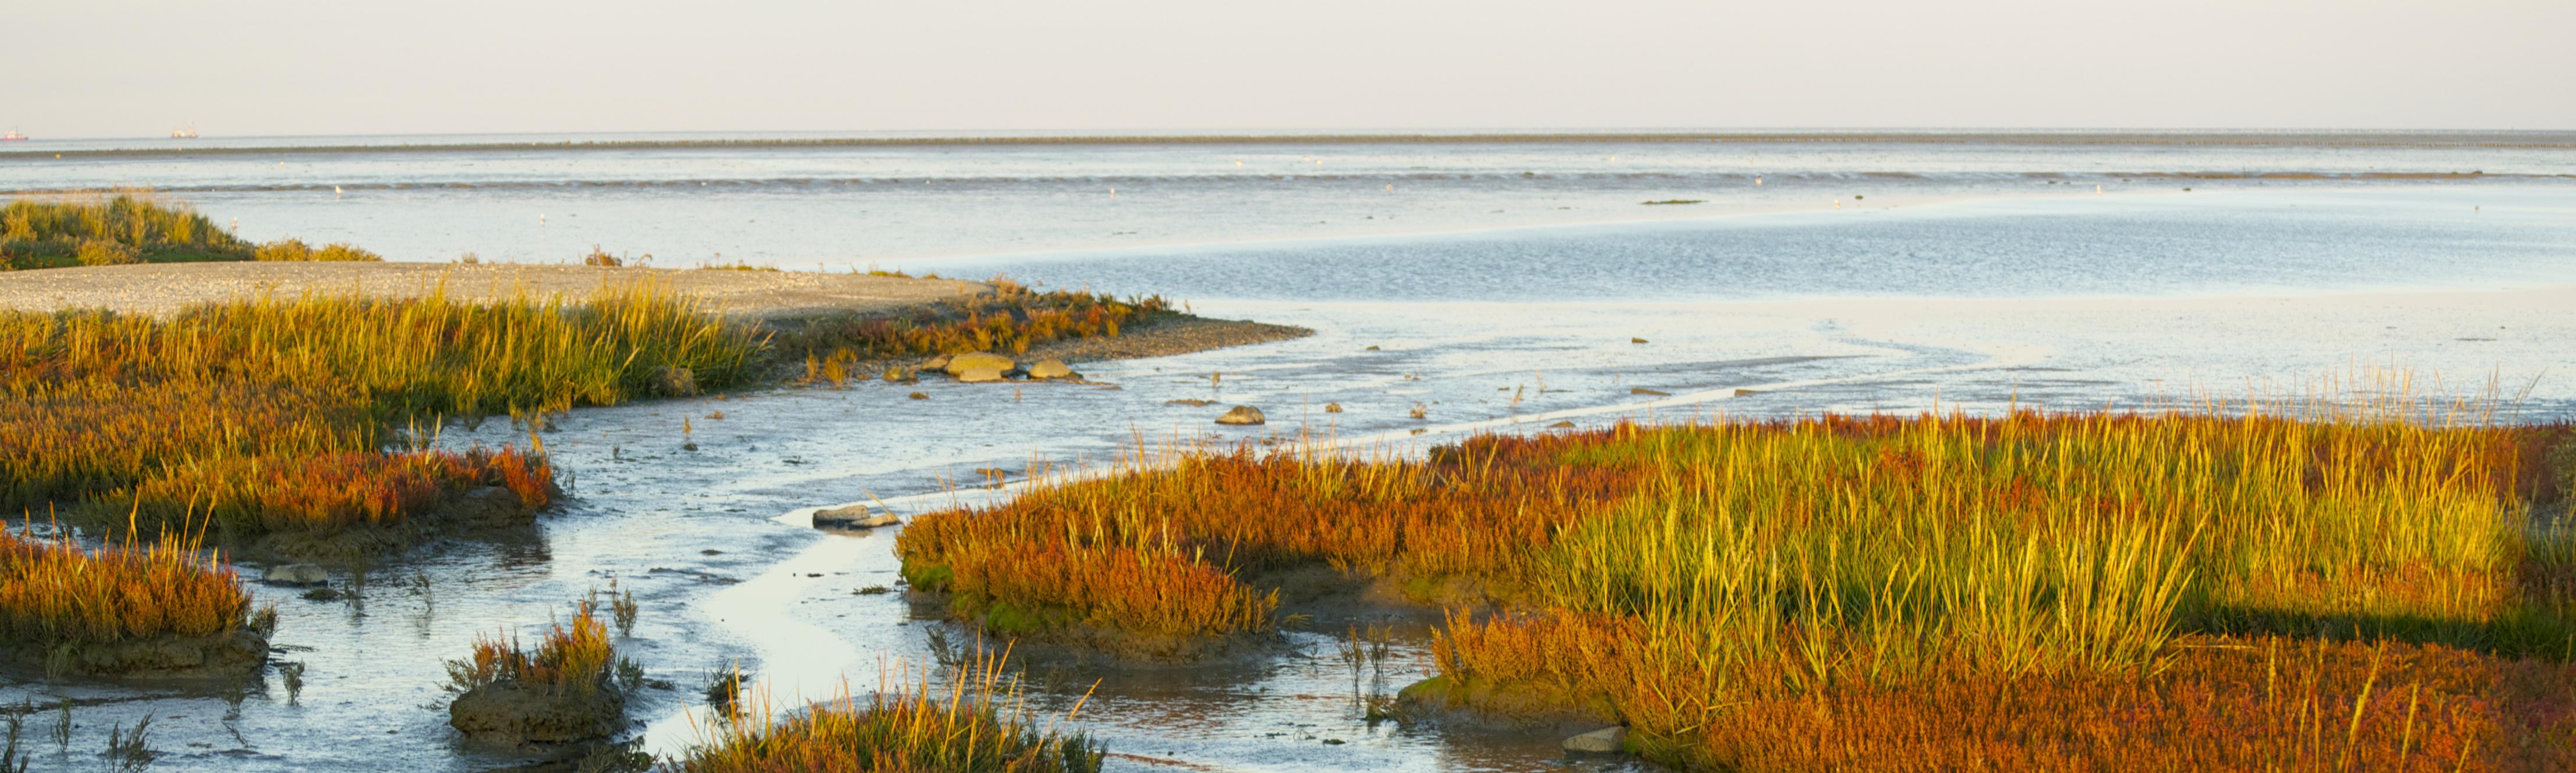 Laagstaande zonlicht Wadden Lauwersoog Lauwersmeer